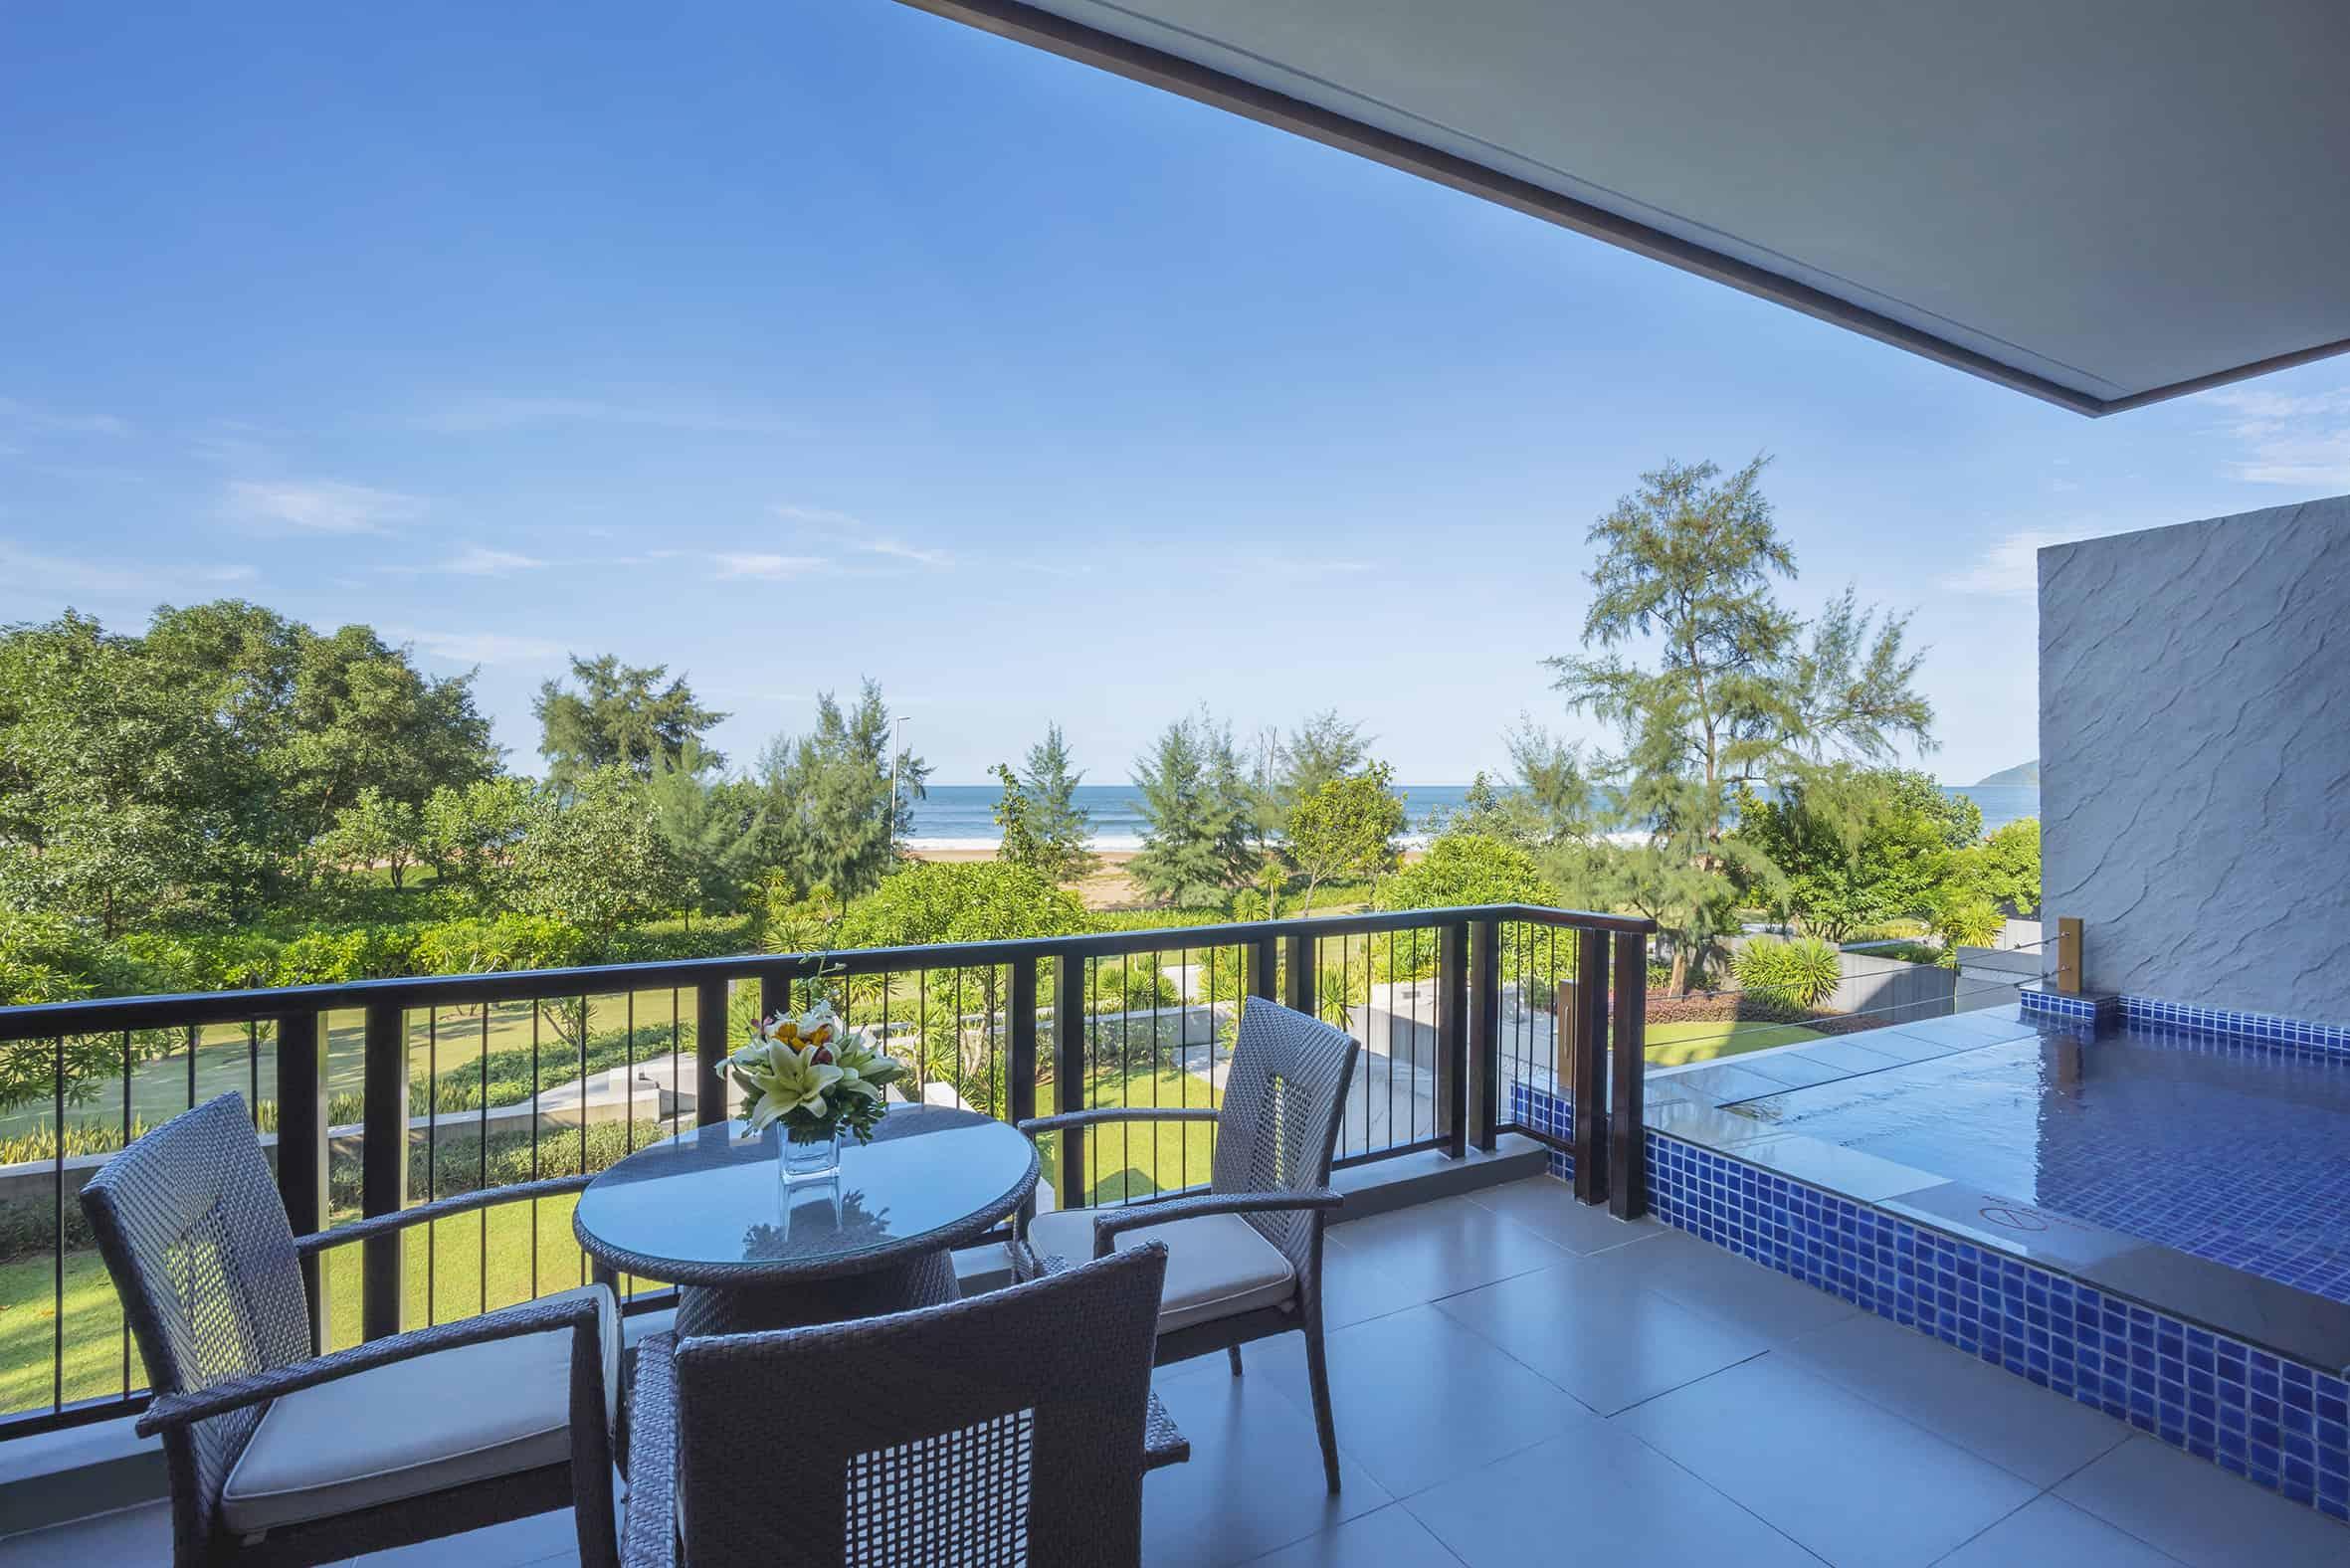 Hồ bơi view cực đẹp - Angsana Lăng Cô Resort 01